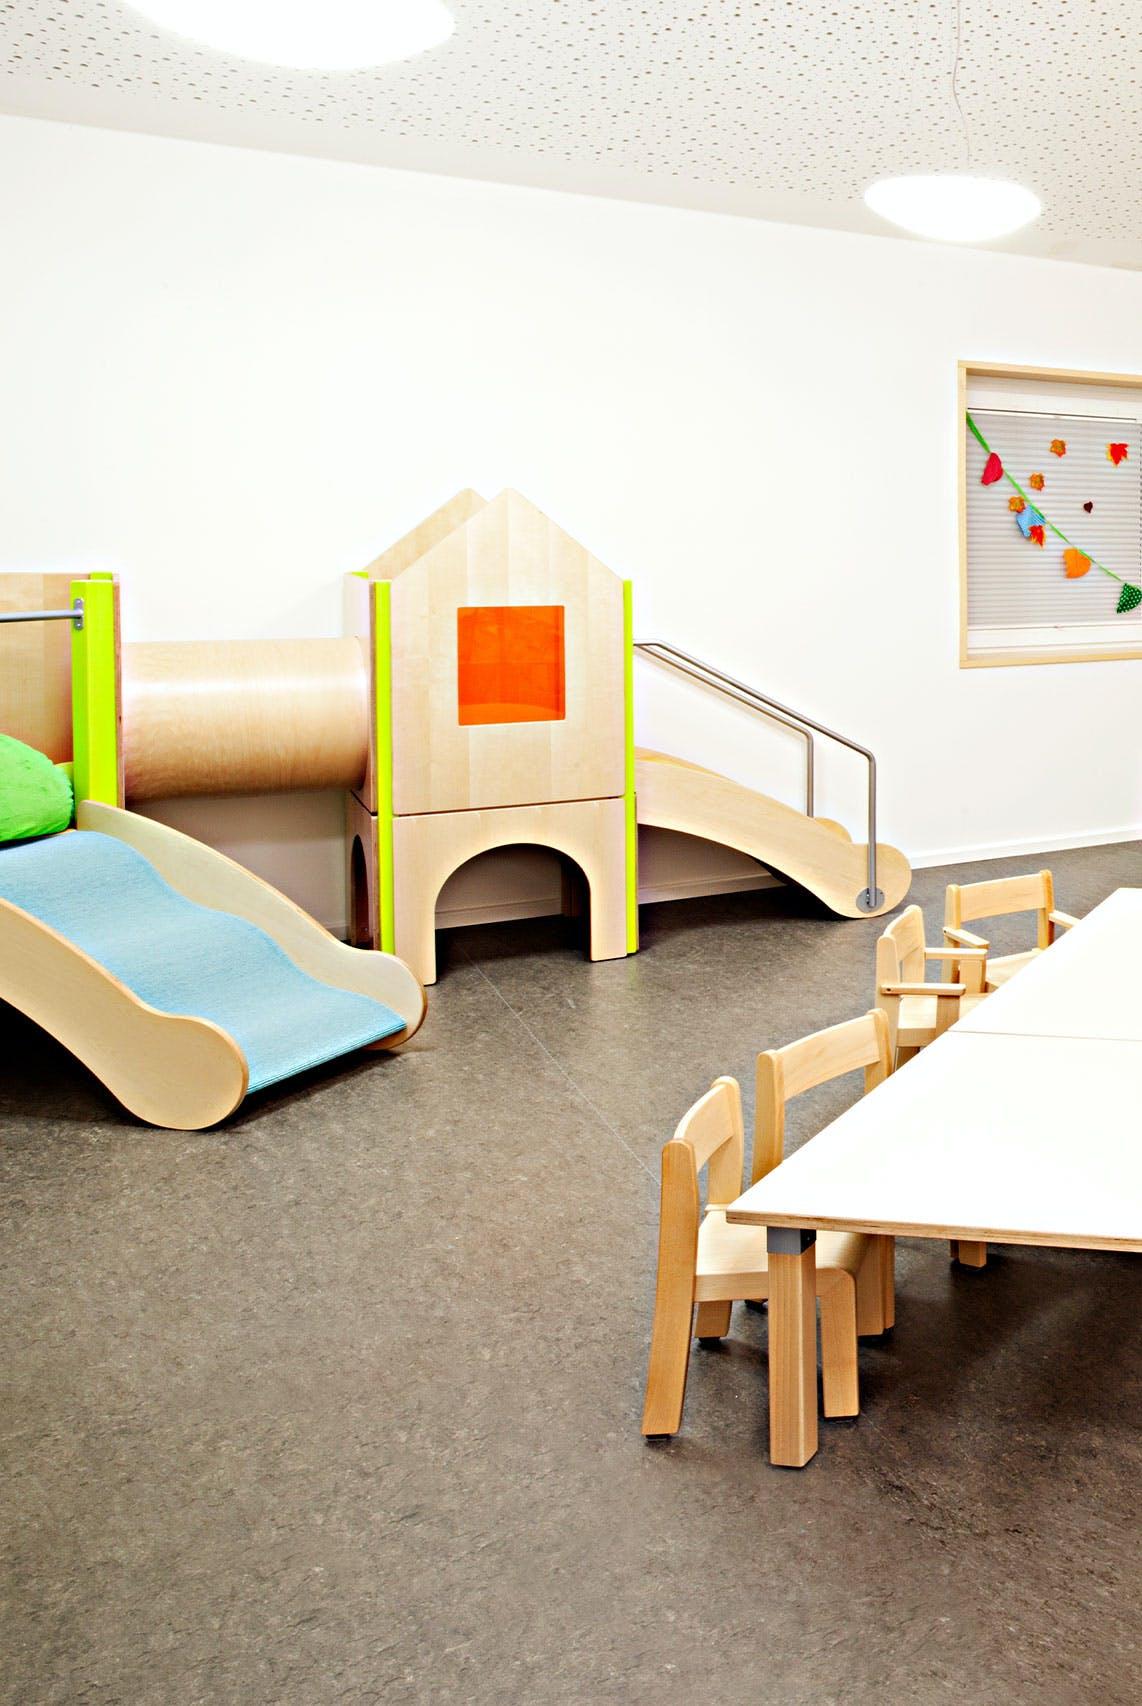 Inneneinrichtung im Bildungssektor mit Kinderspielecke